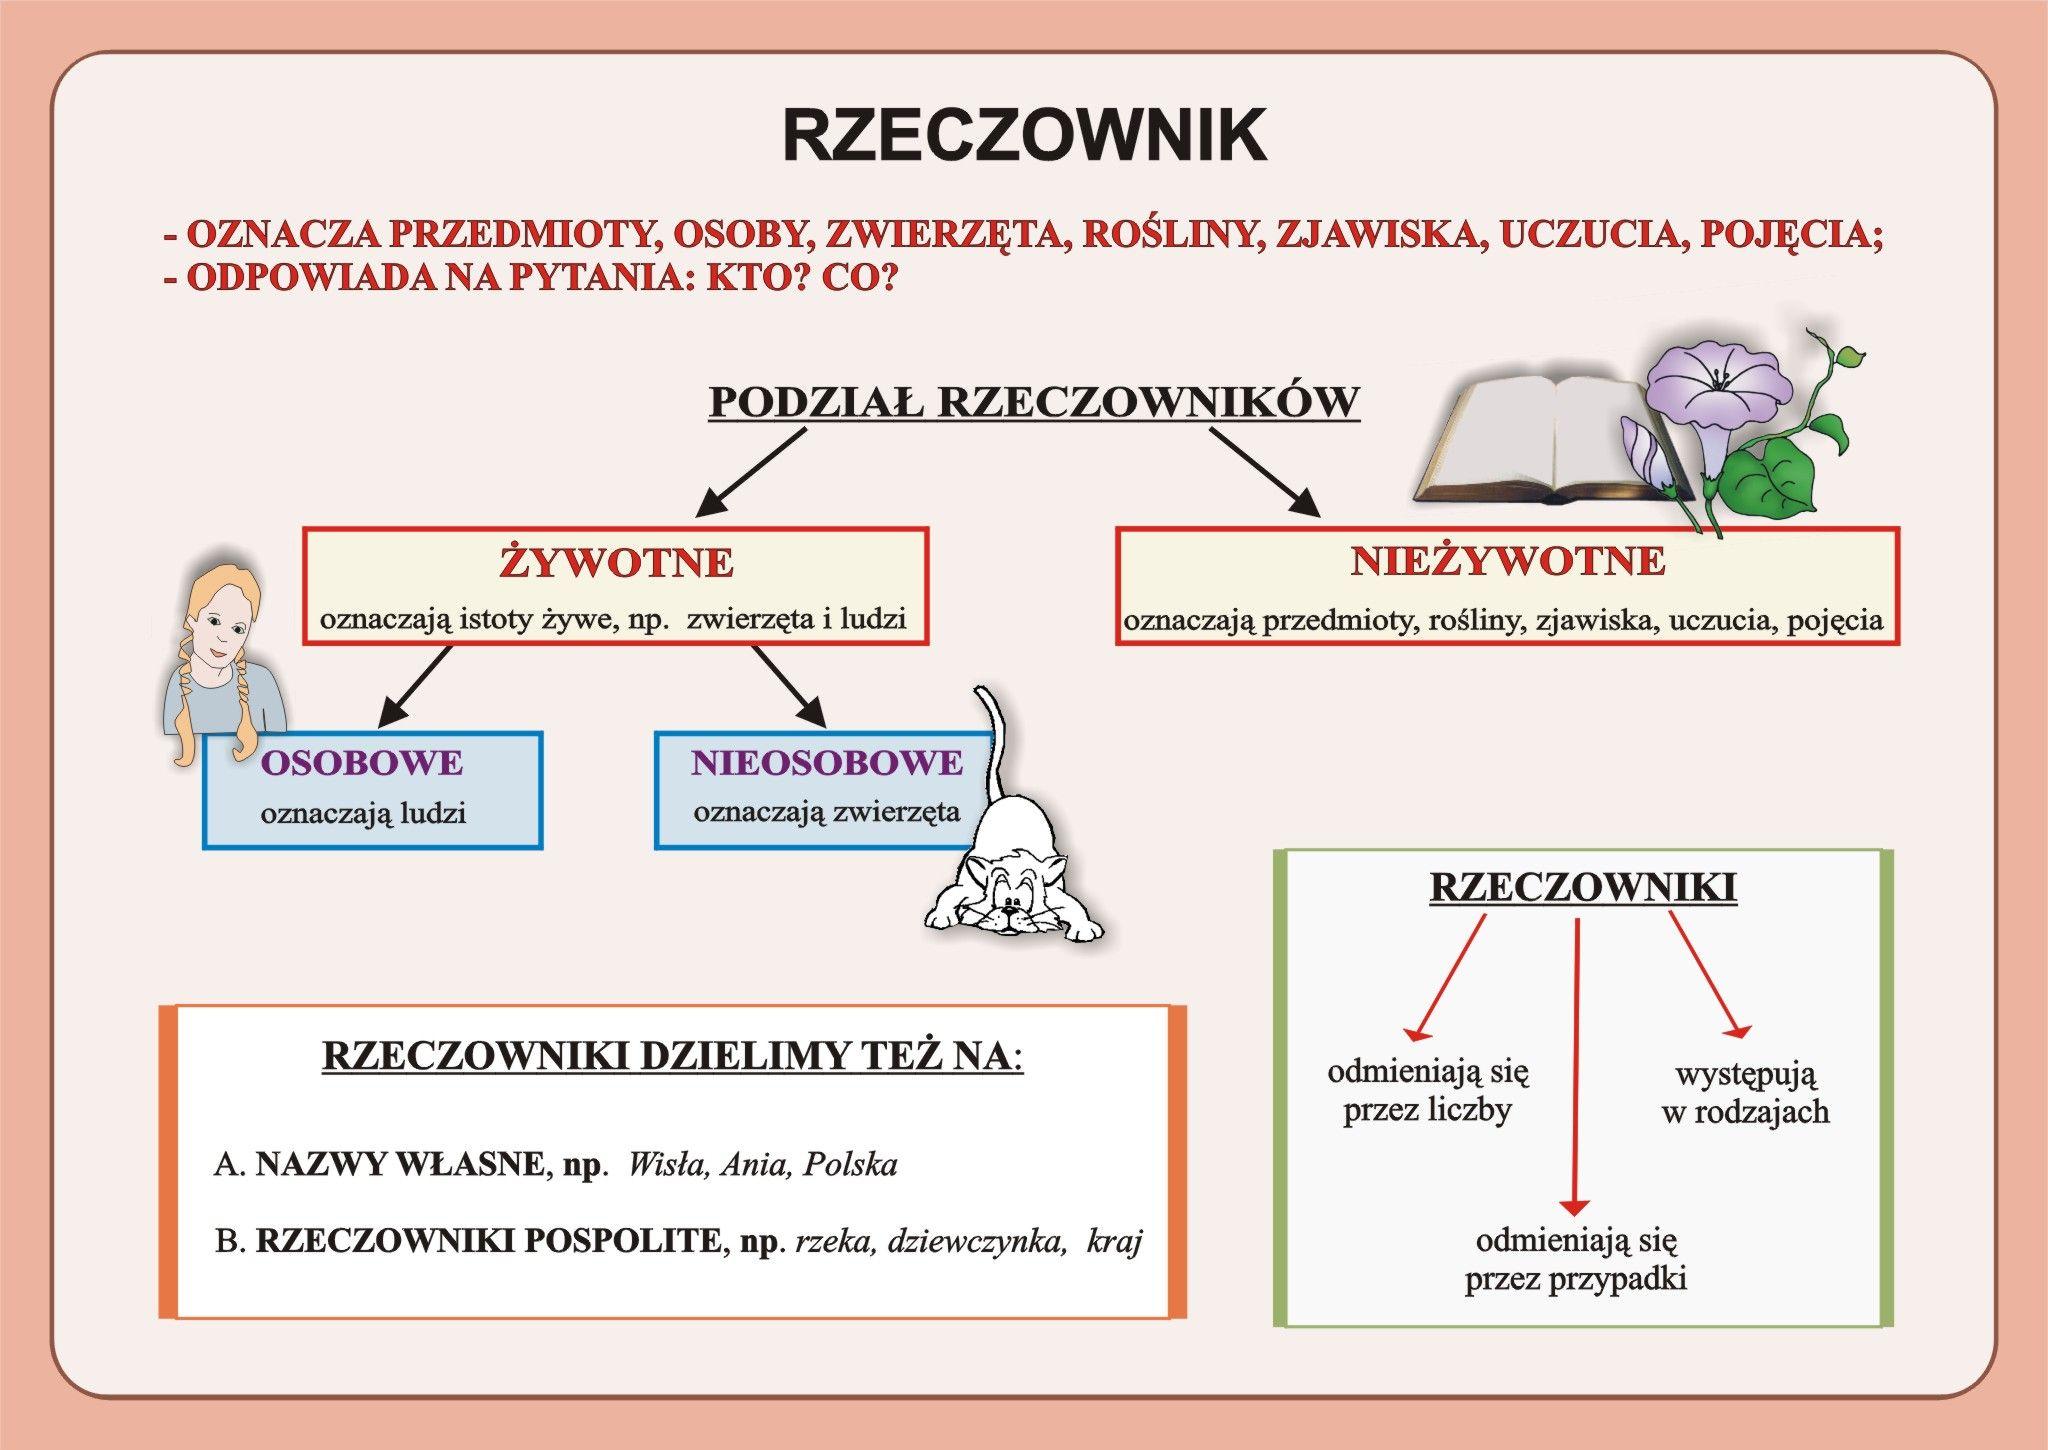 Pin by Justyna Kosińska on Język polski w szkole | Polish language,  Education, School